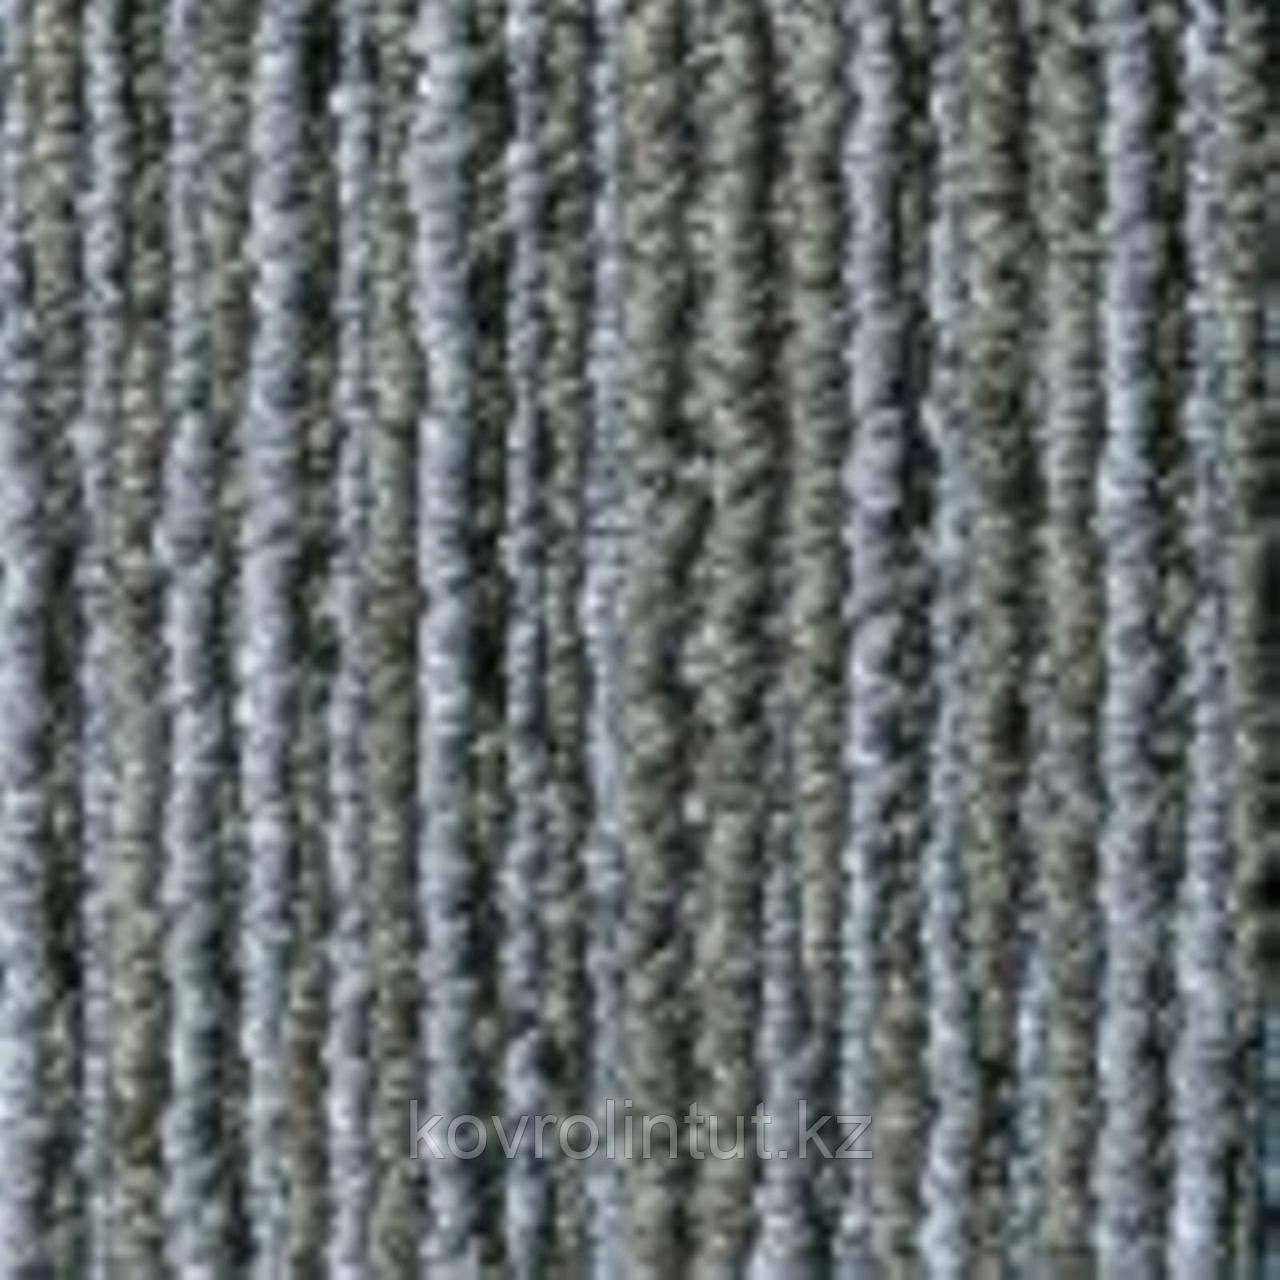 Плитка ковровая Сondor, Graphic Ambition 90, 50х50, 5м2/уп